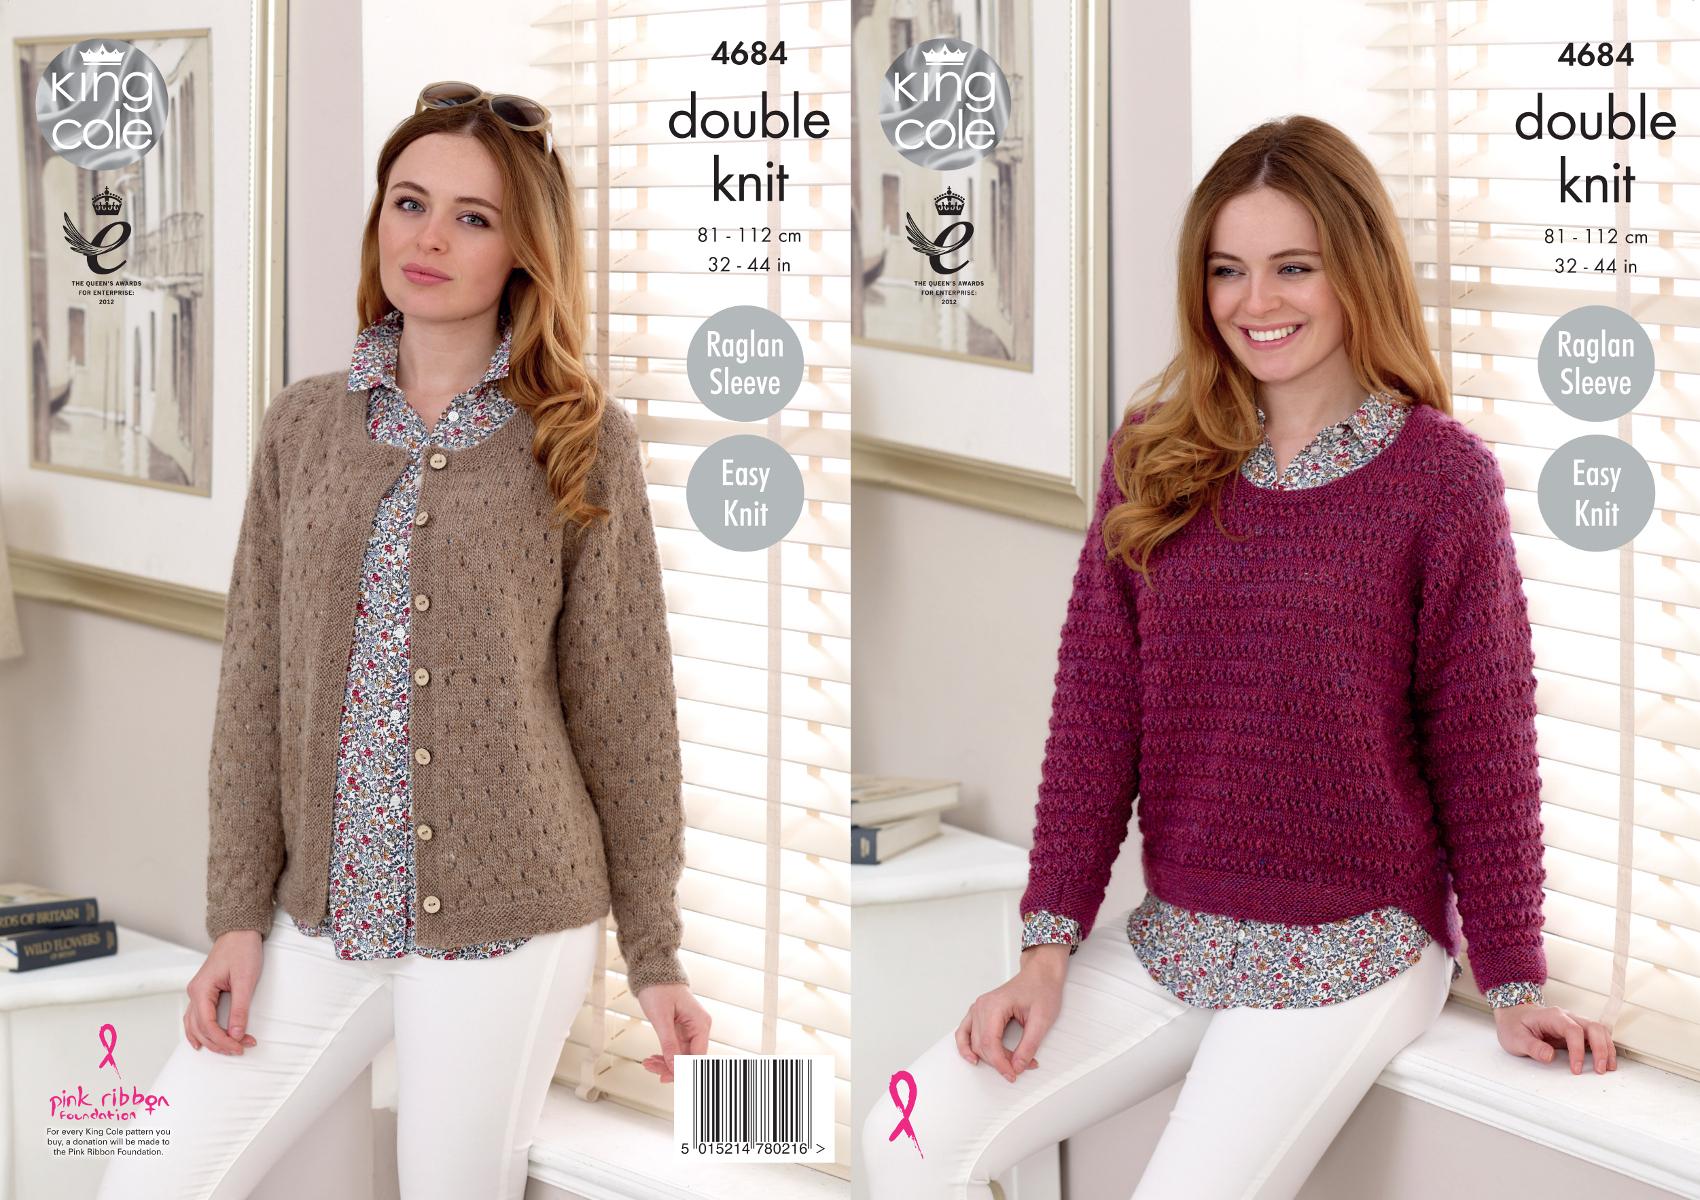 Ladies Raglan Jumper Knitting Pattern : King Cole Ladies Double Knitting Pattern Easy Knit Raglan Sweater Cardigan 46...